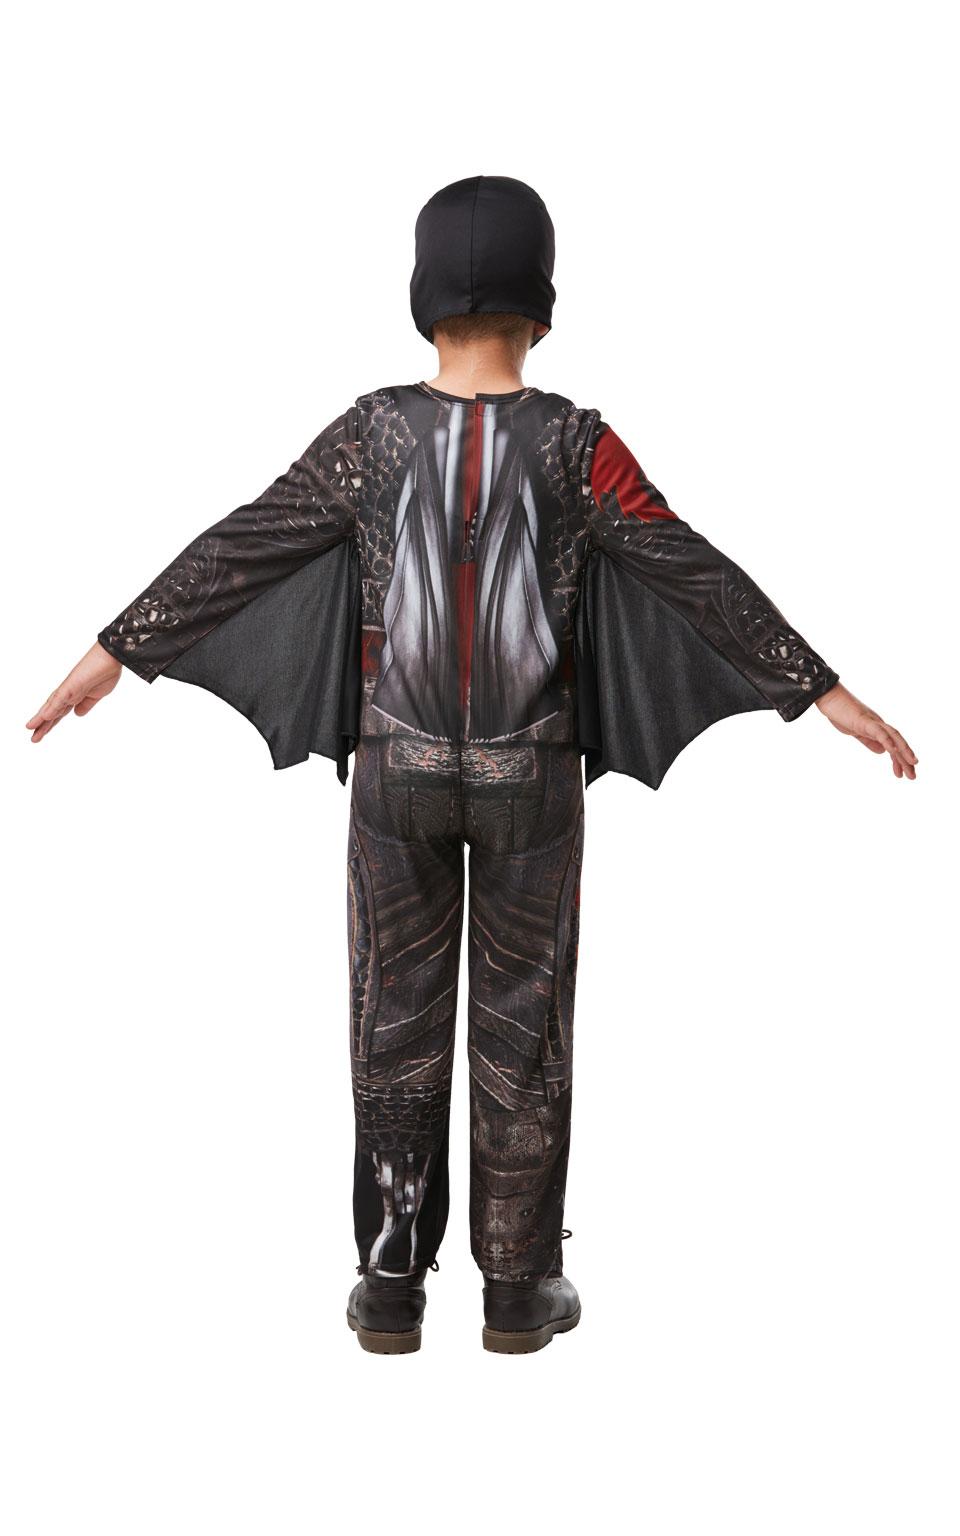 65945c8df57 Sådan træner du din drage - Hikki Deluxe Kostume(Str. 140) Kr. 295 ...